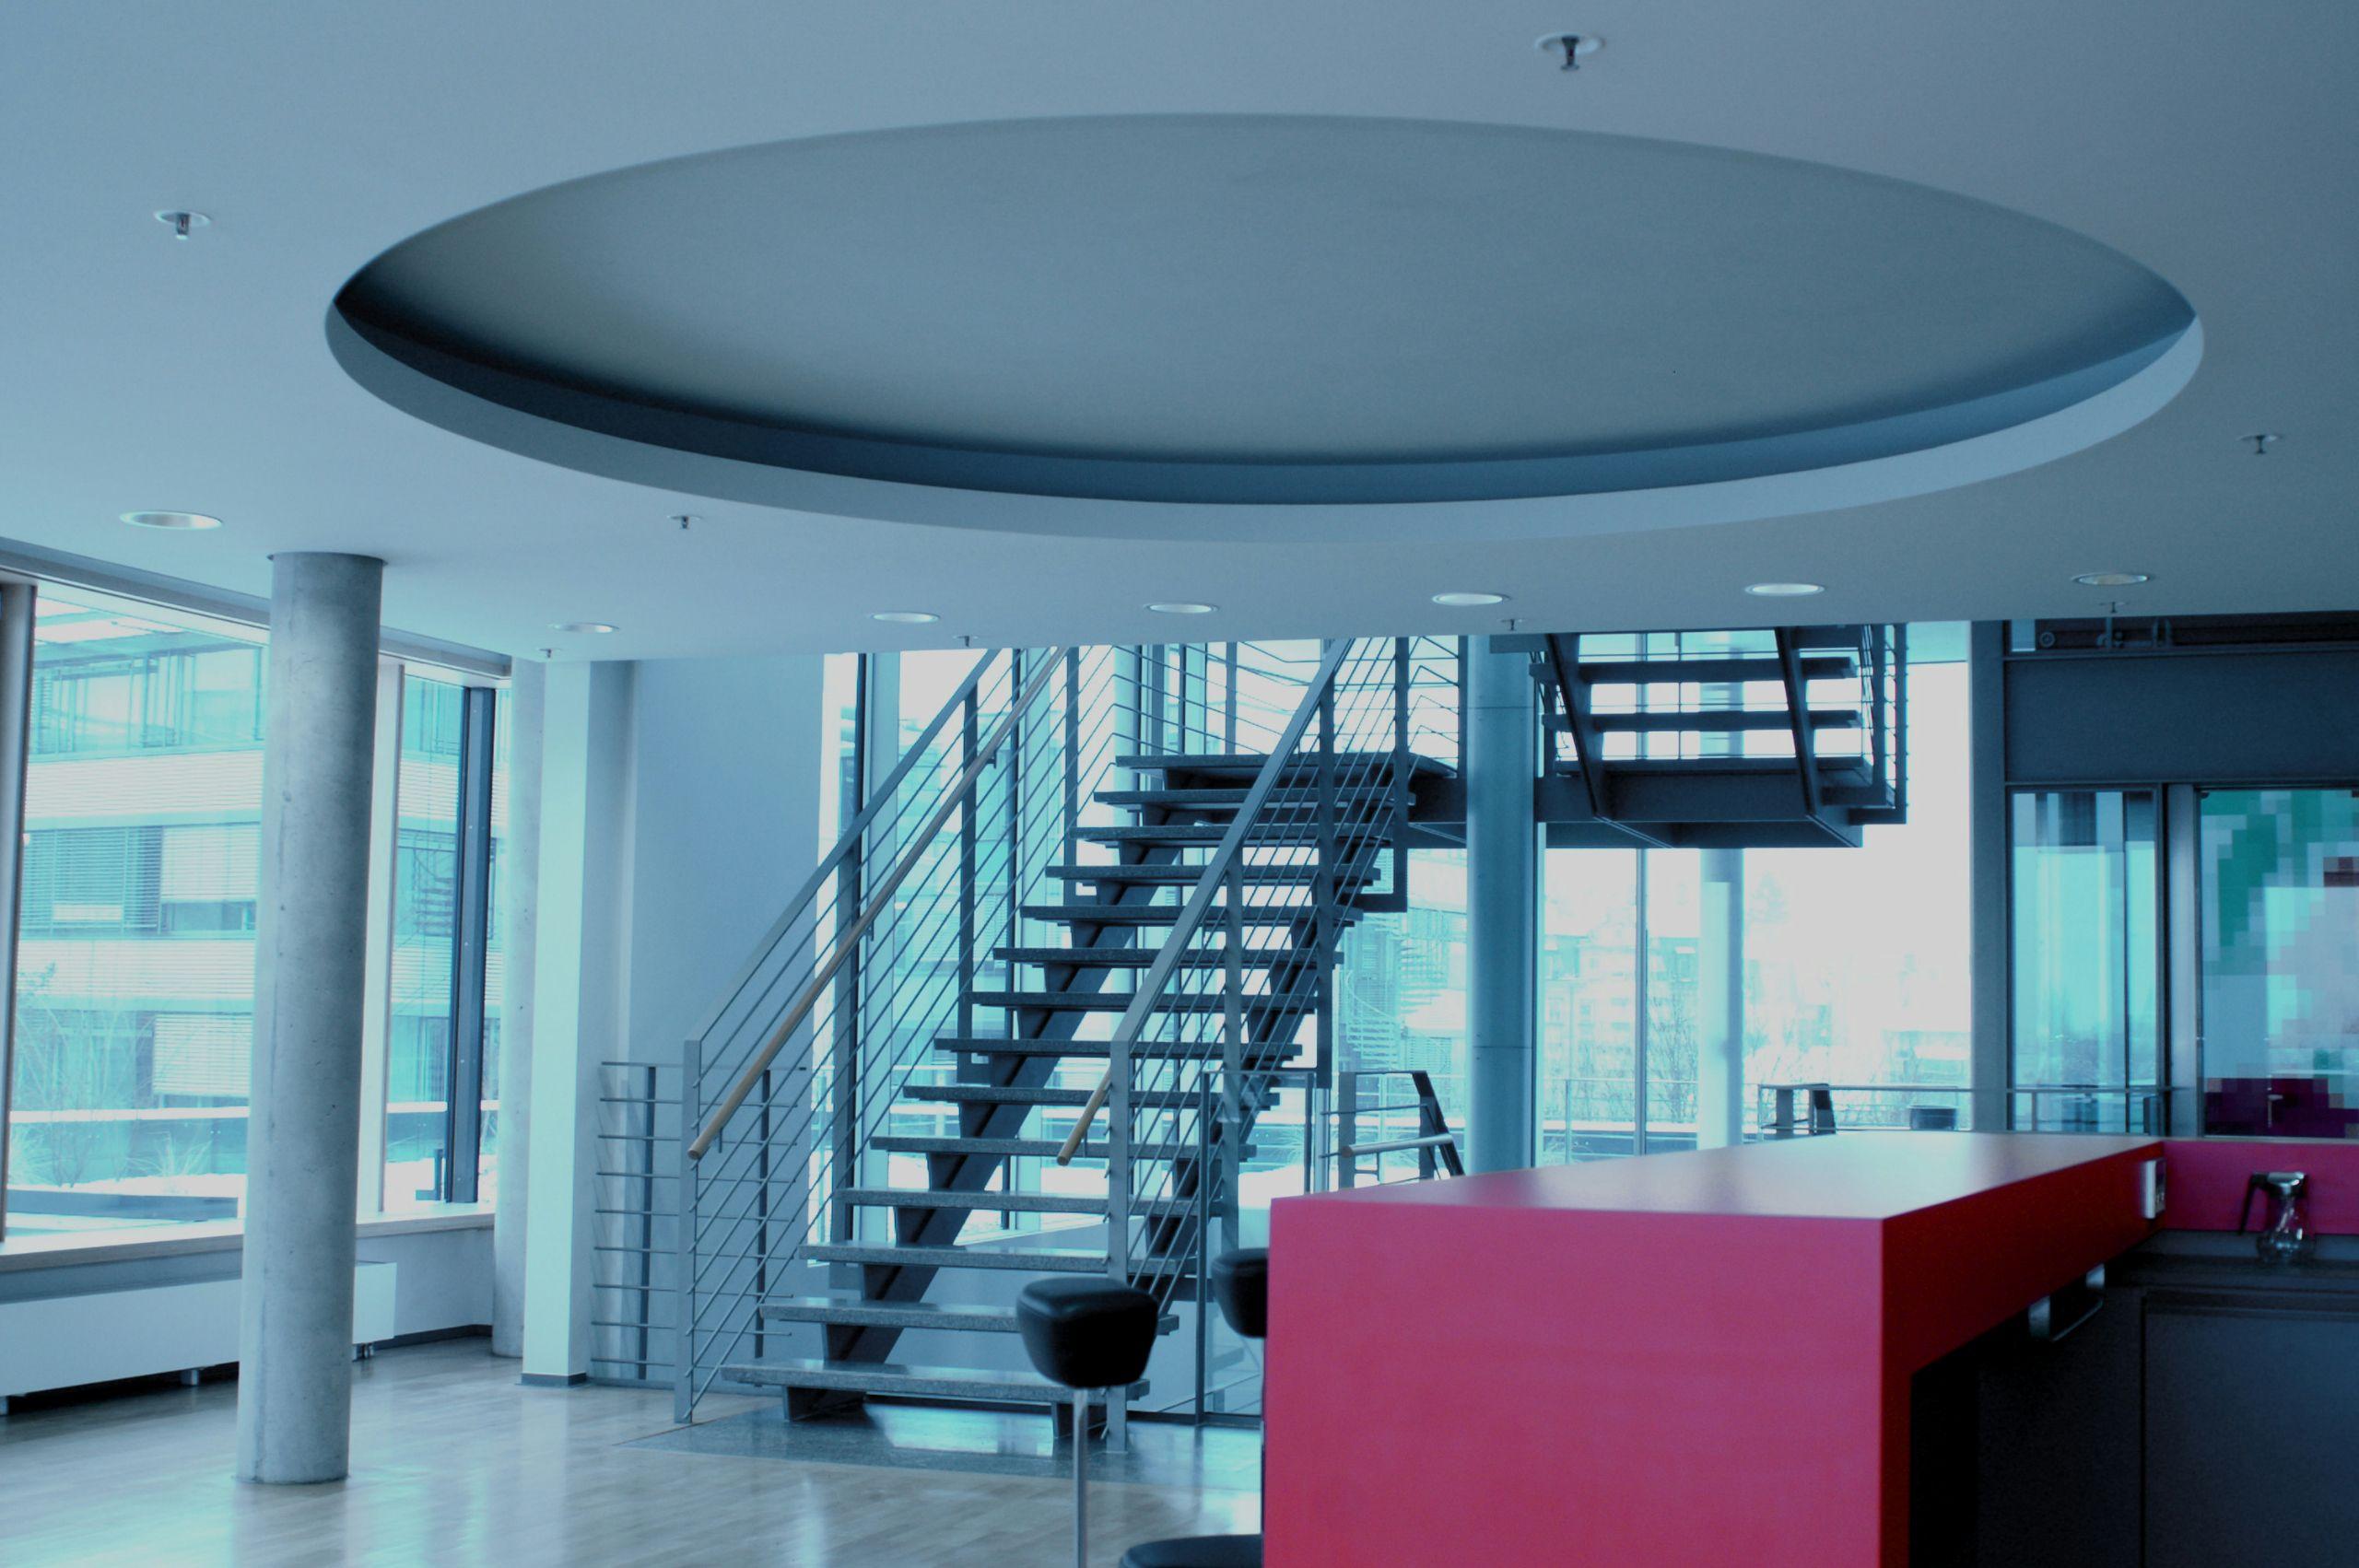 faux plafond acoustique en placo lastra sf 8 12 50r lastra vf 8 12 50r by fibran